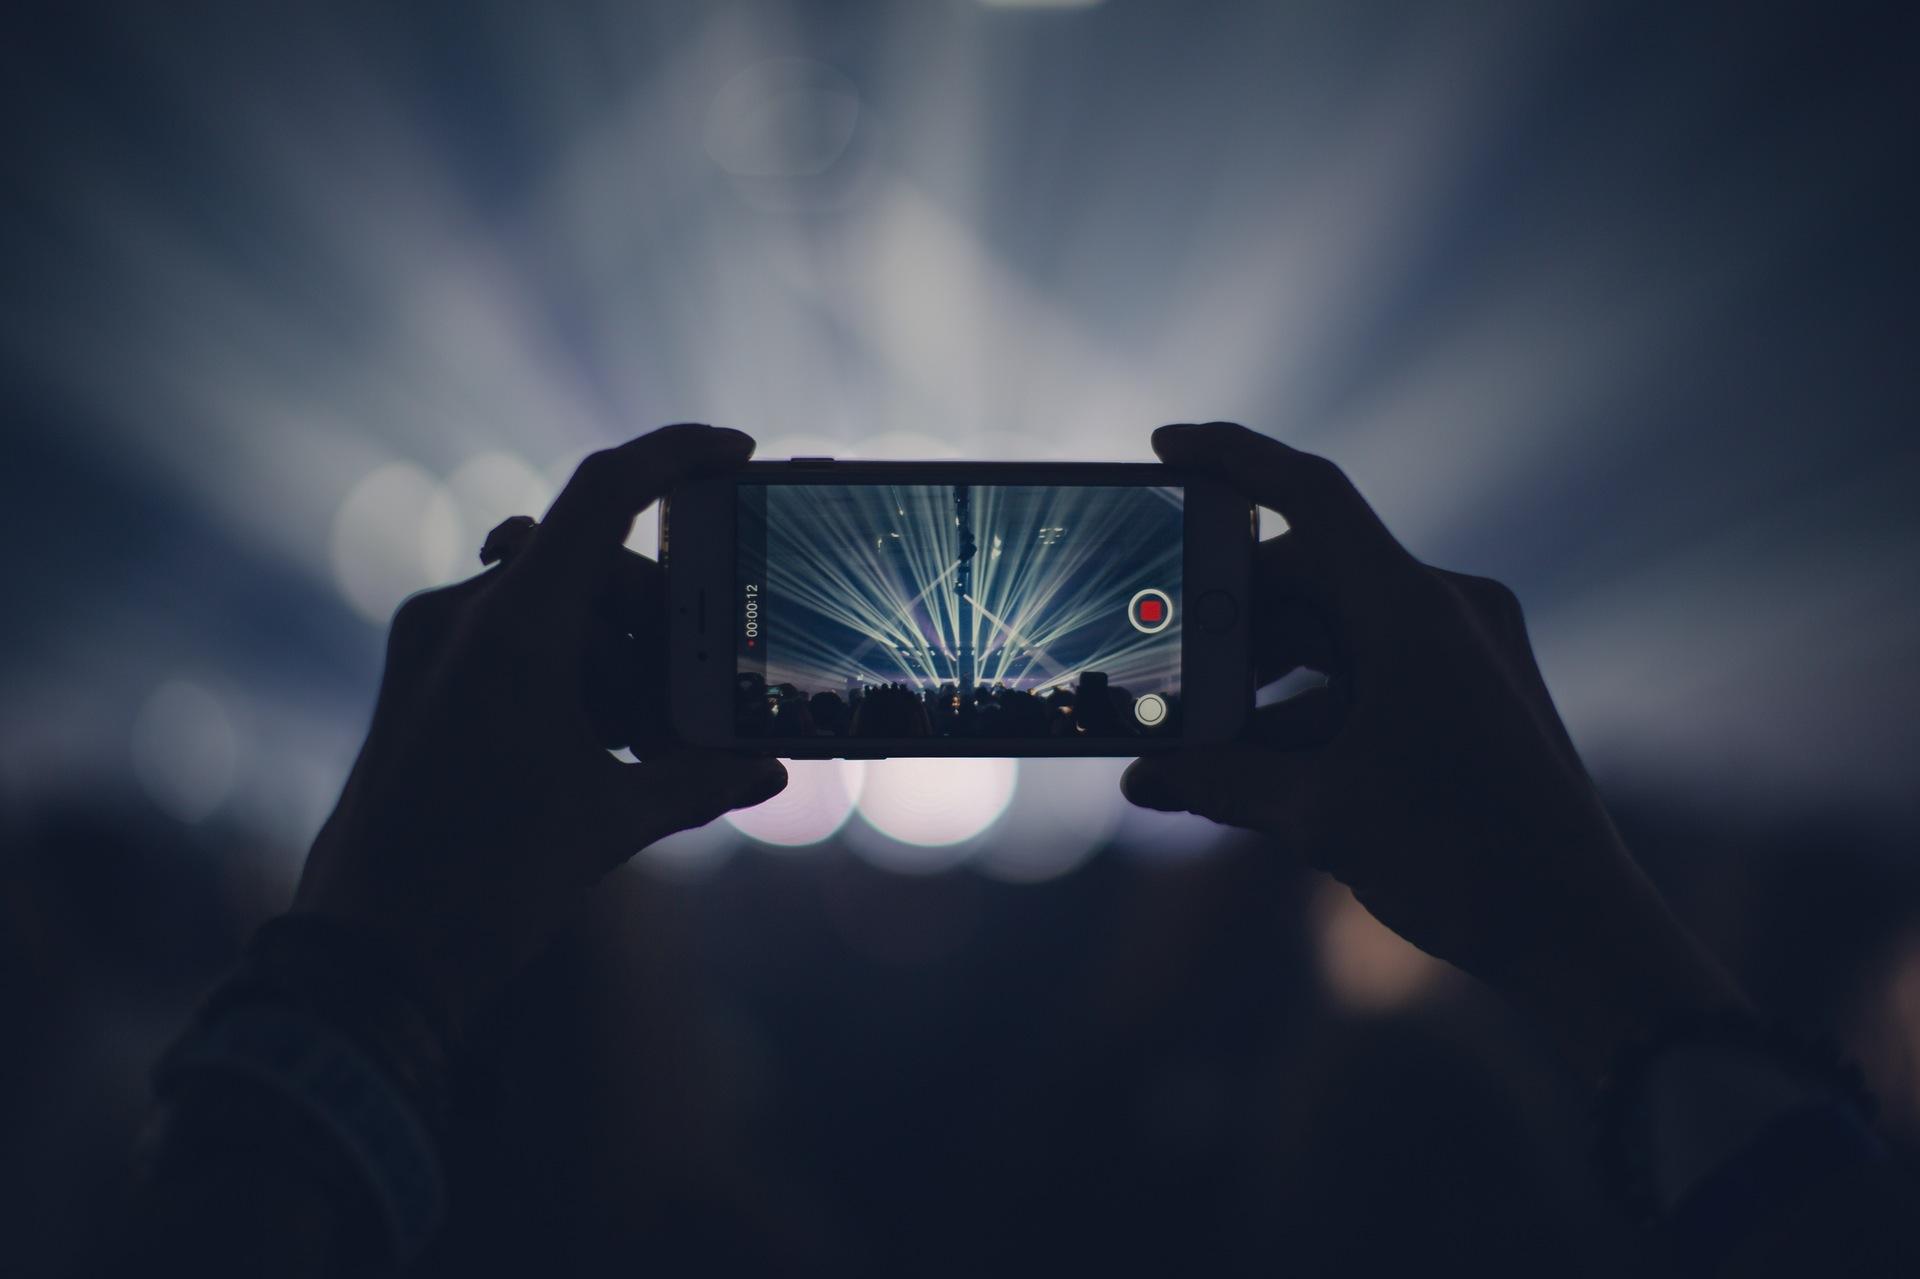 संगीत कार्यक्रम, पार्टी, मोबाइल, रोशनी, यादें, वीडियो, रिकॉर्डिंग - HD वॉलपेपर - प्रोफेसर-falken.com